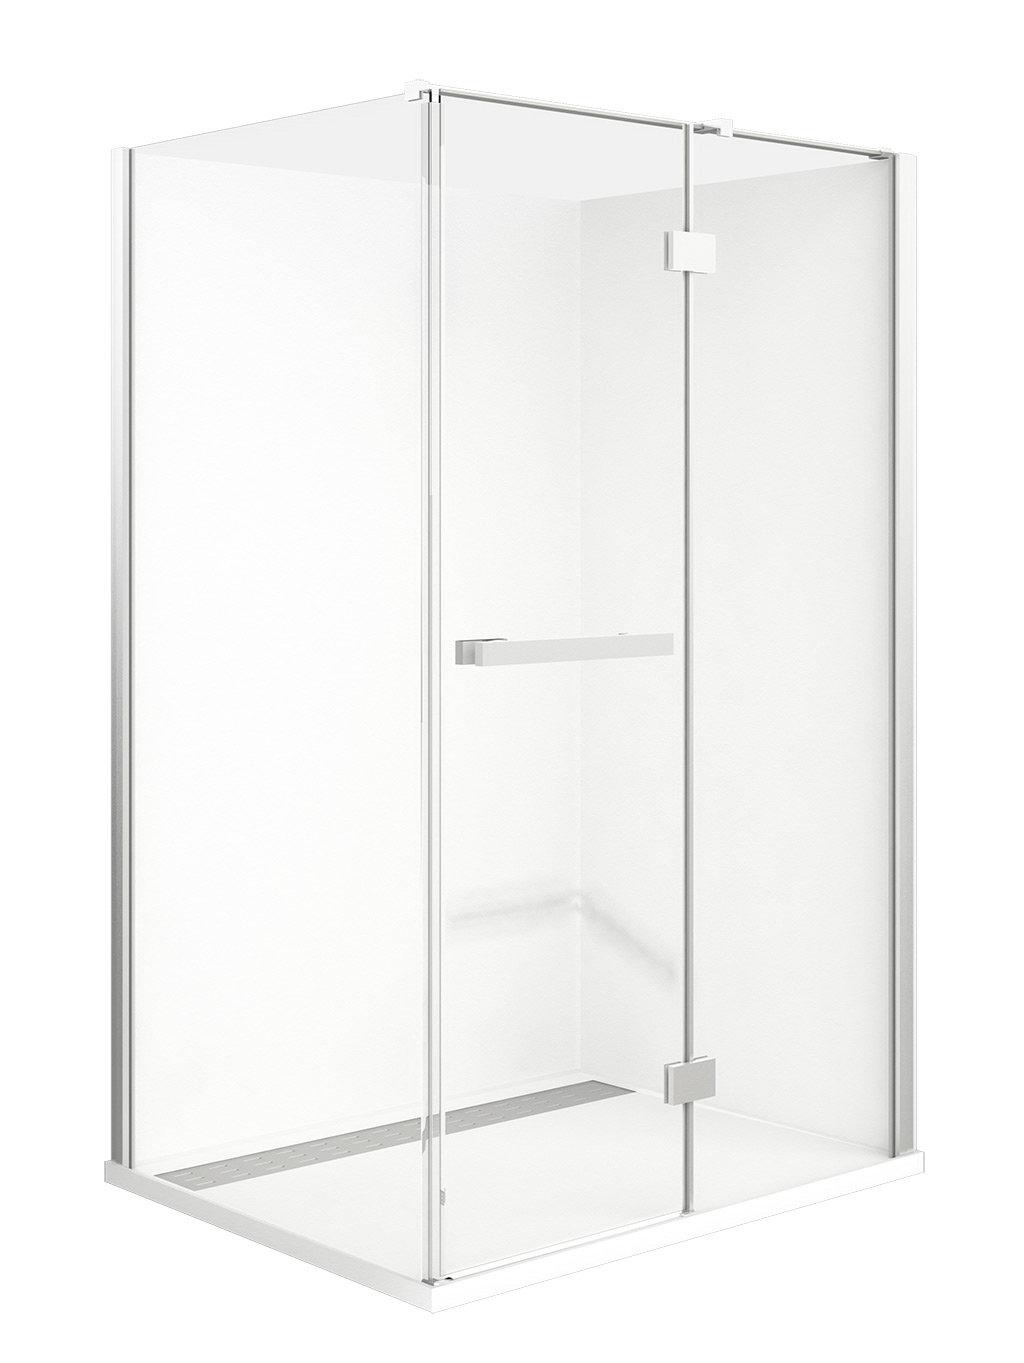 Barossa Pivot Semi Frameless Shower Screens